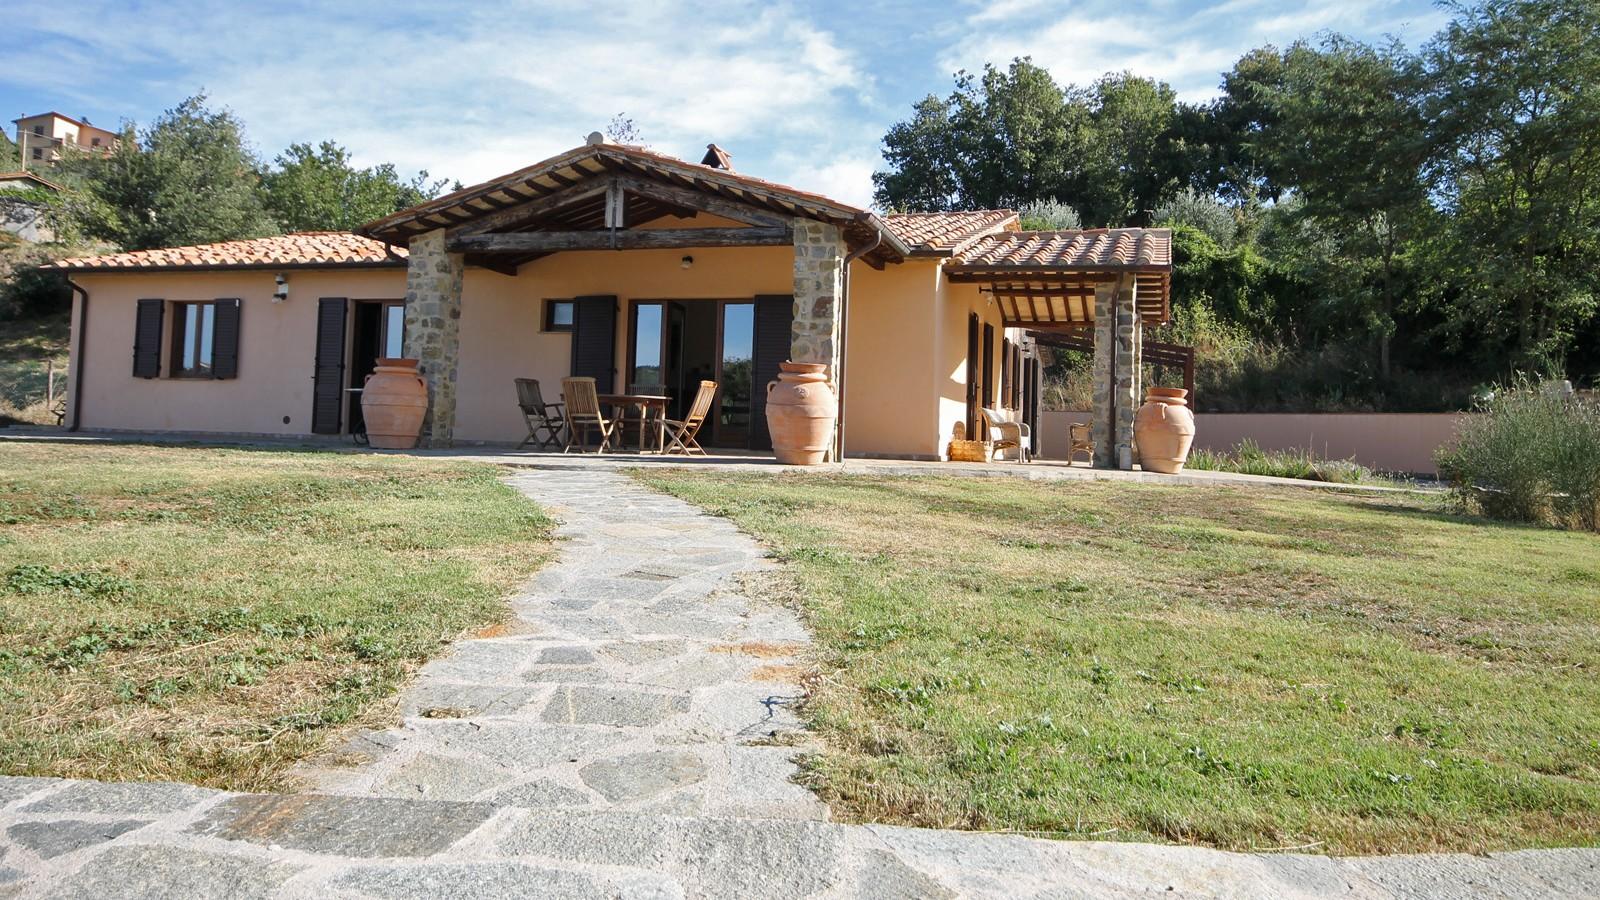 Toscana grosseto arcidosso villa con piscina in vendita for Toscana house